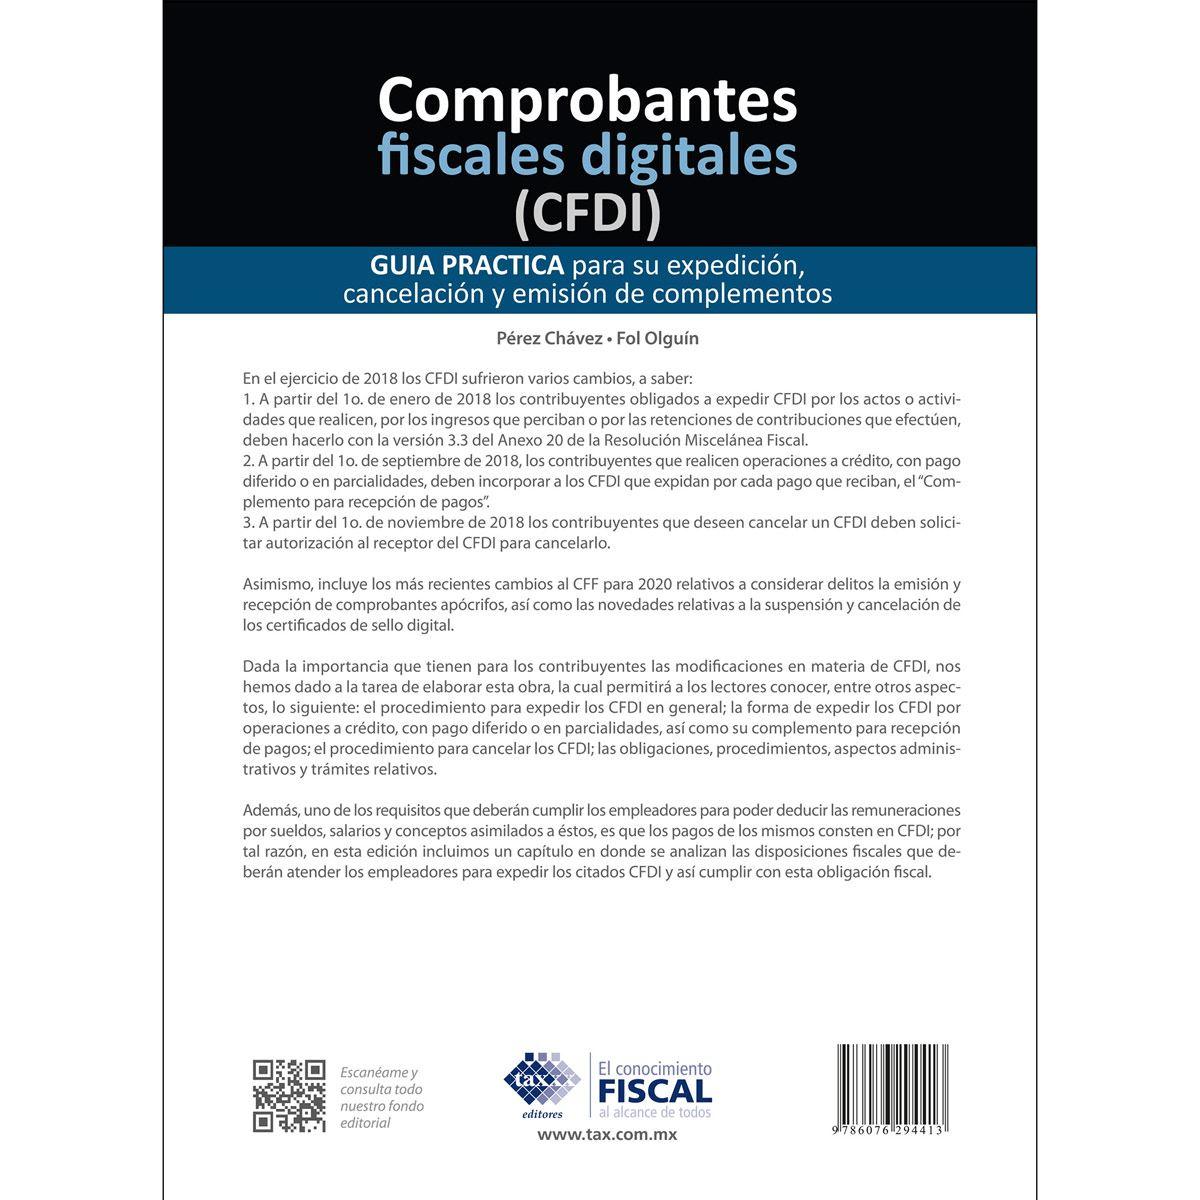 Comprobantes fiscales digitales (CFDI). Guía practica para su expedición, cancelación y emisión de complementos